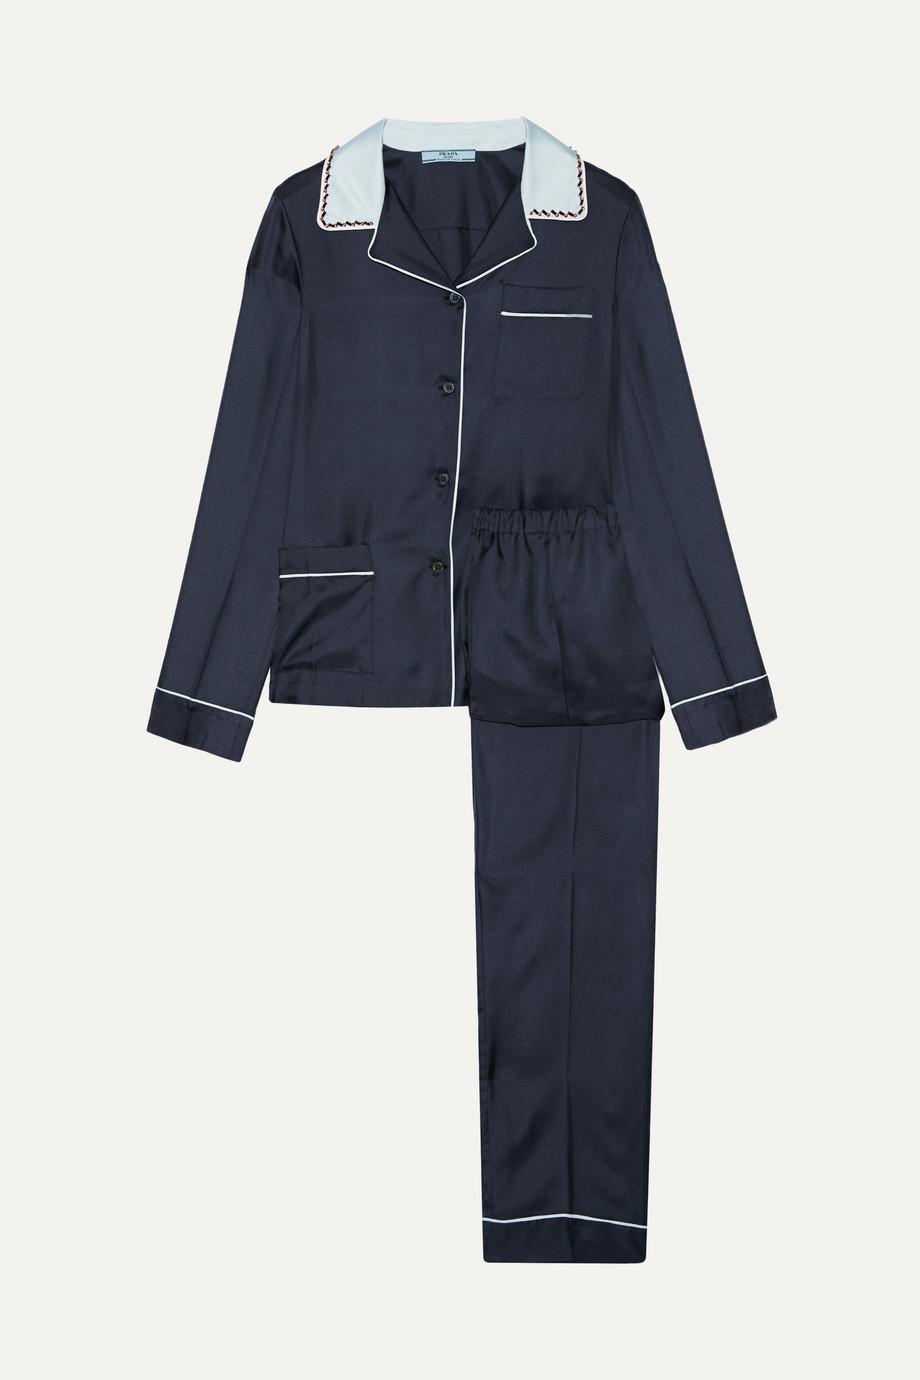 Prada Verziertes Pyjama aus Seiden-Twill